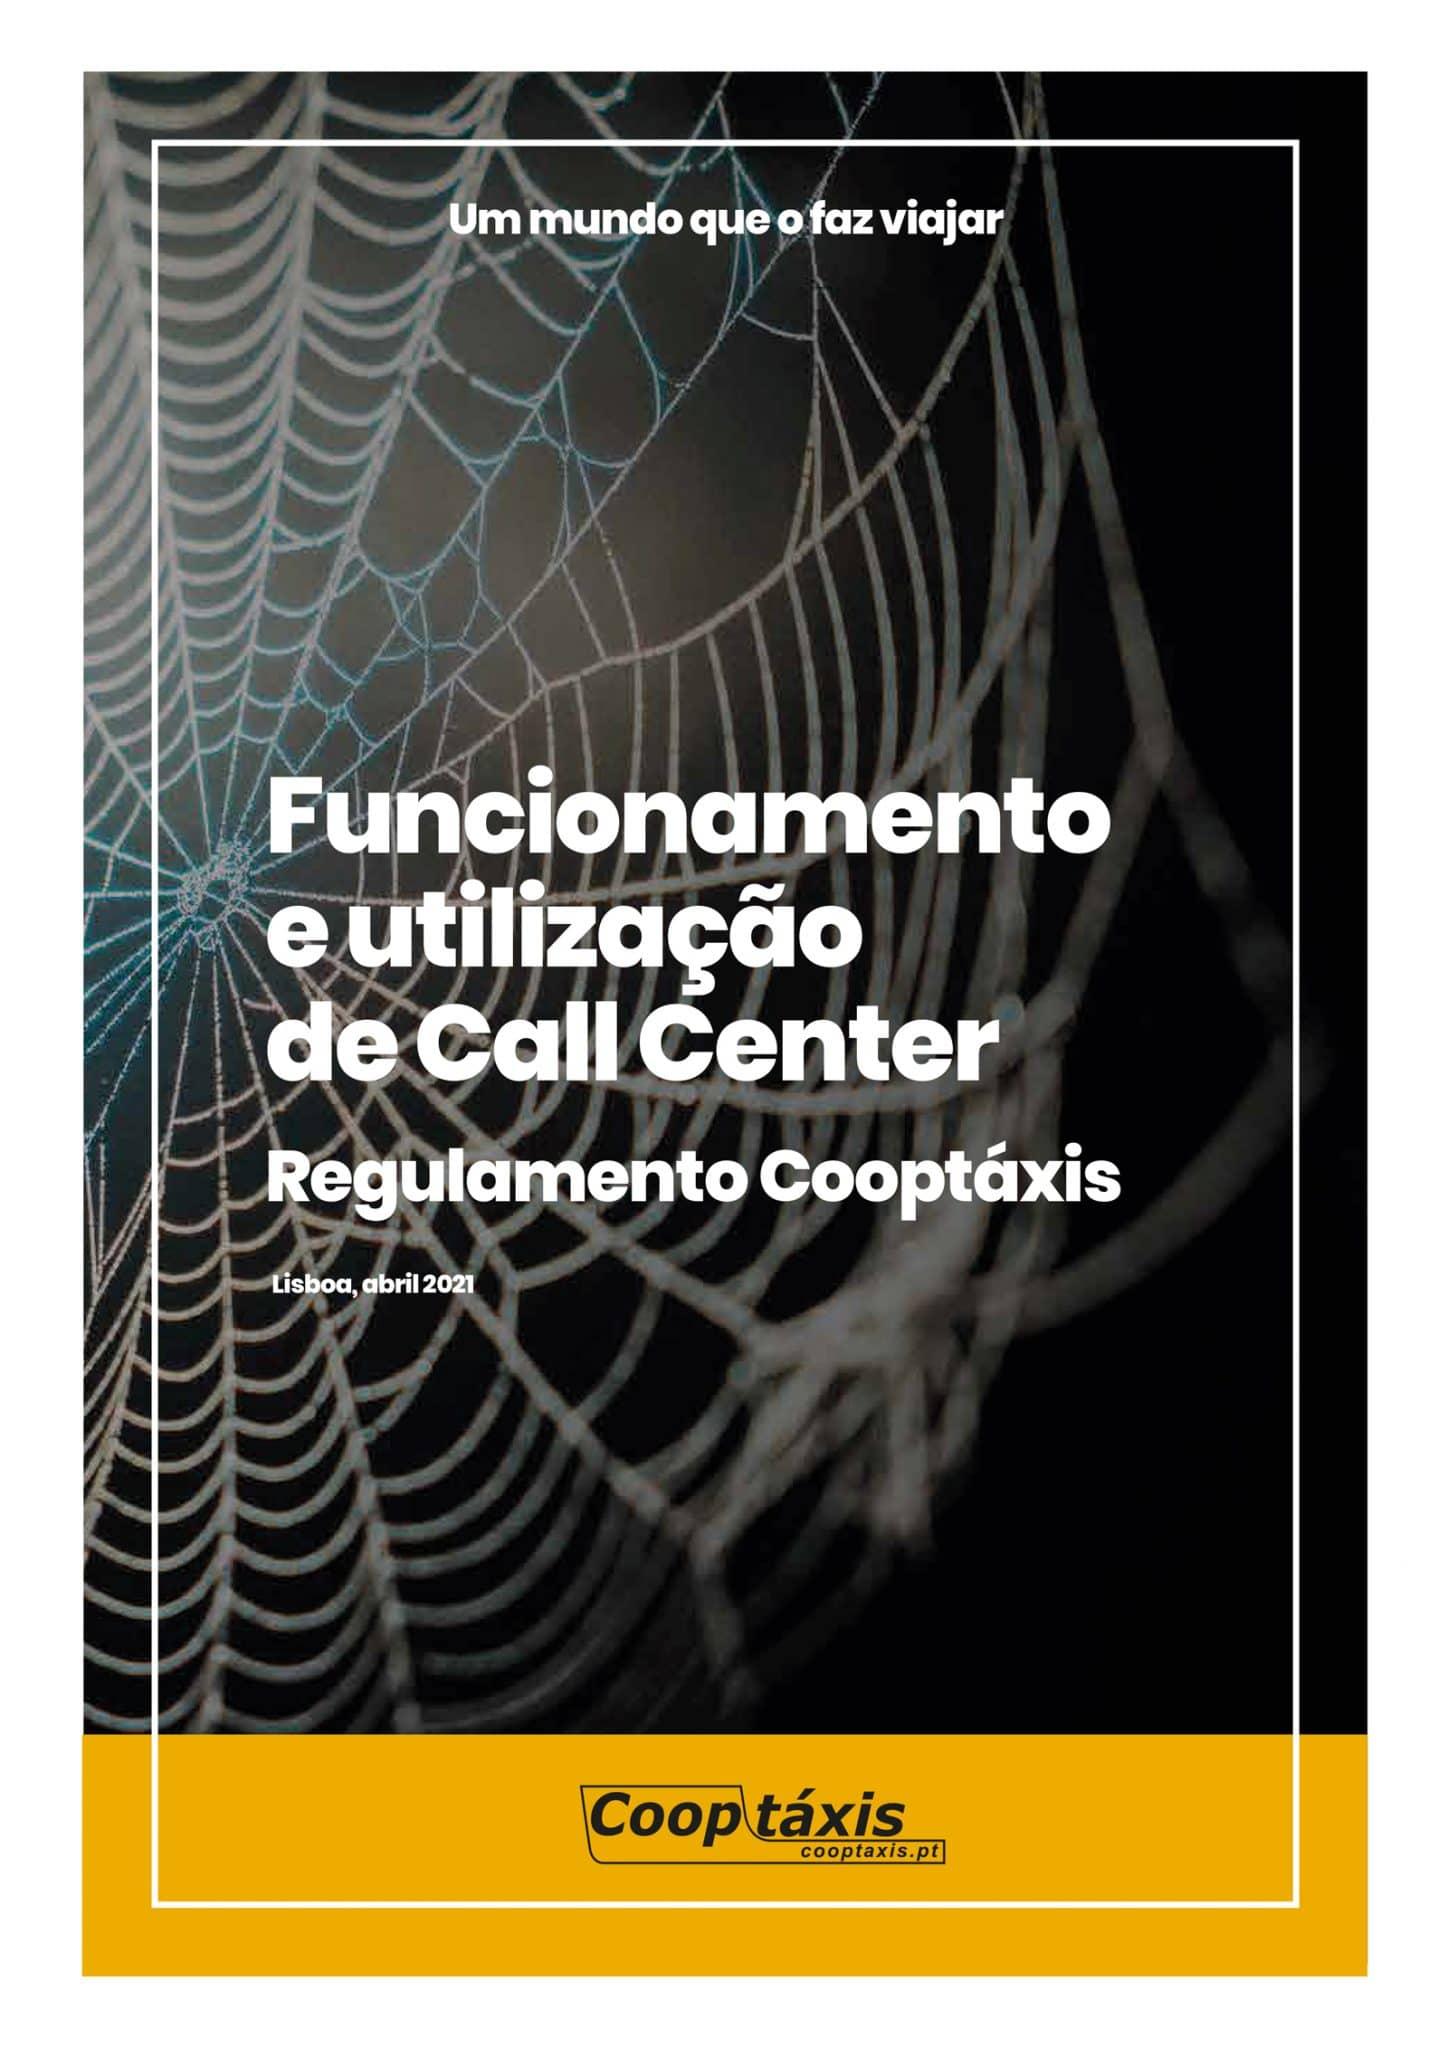 https://cooptaxis.pt/funcionamento_call_center/